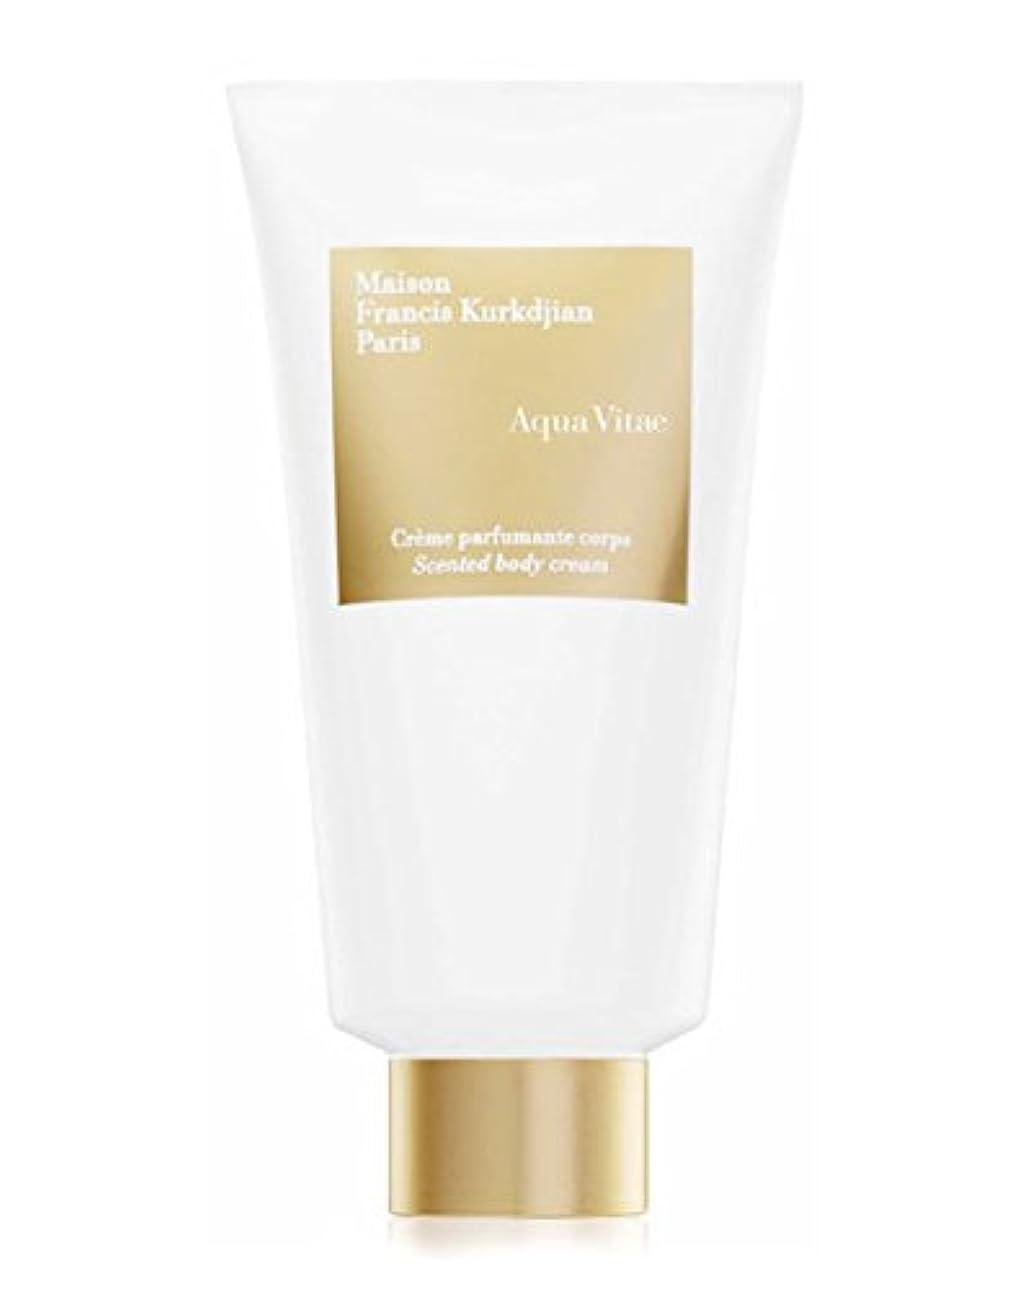 施設あなたはサーフィンMaison Francis Kurkdjian Aqua Vitae (メゾン フランシス クルジャン アクア ビタエ) 5.0 oz (150ml) Scented body cream